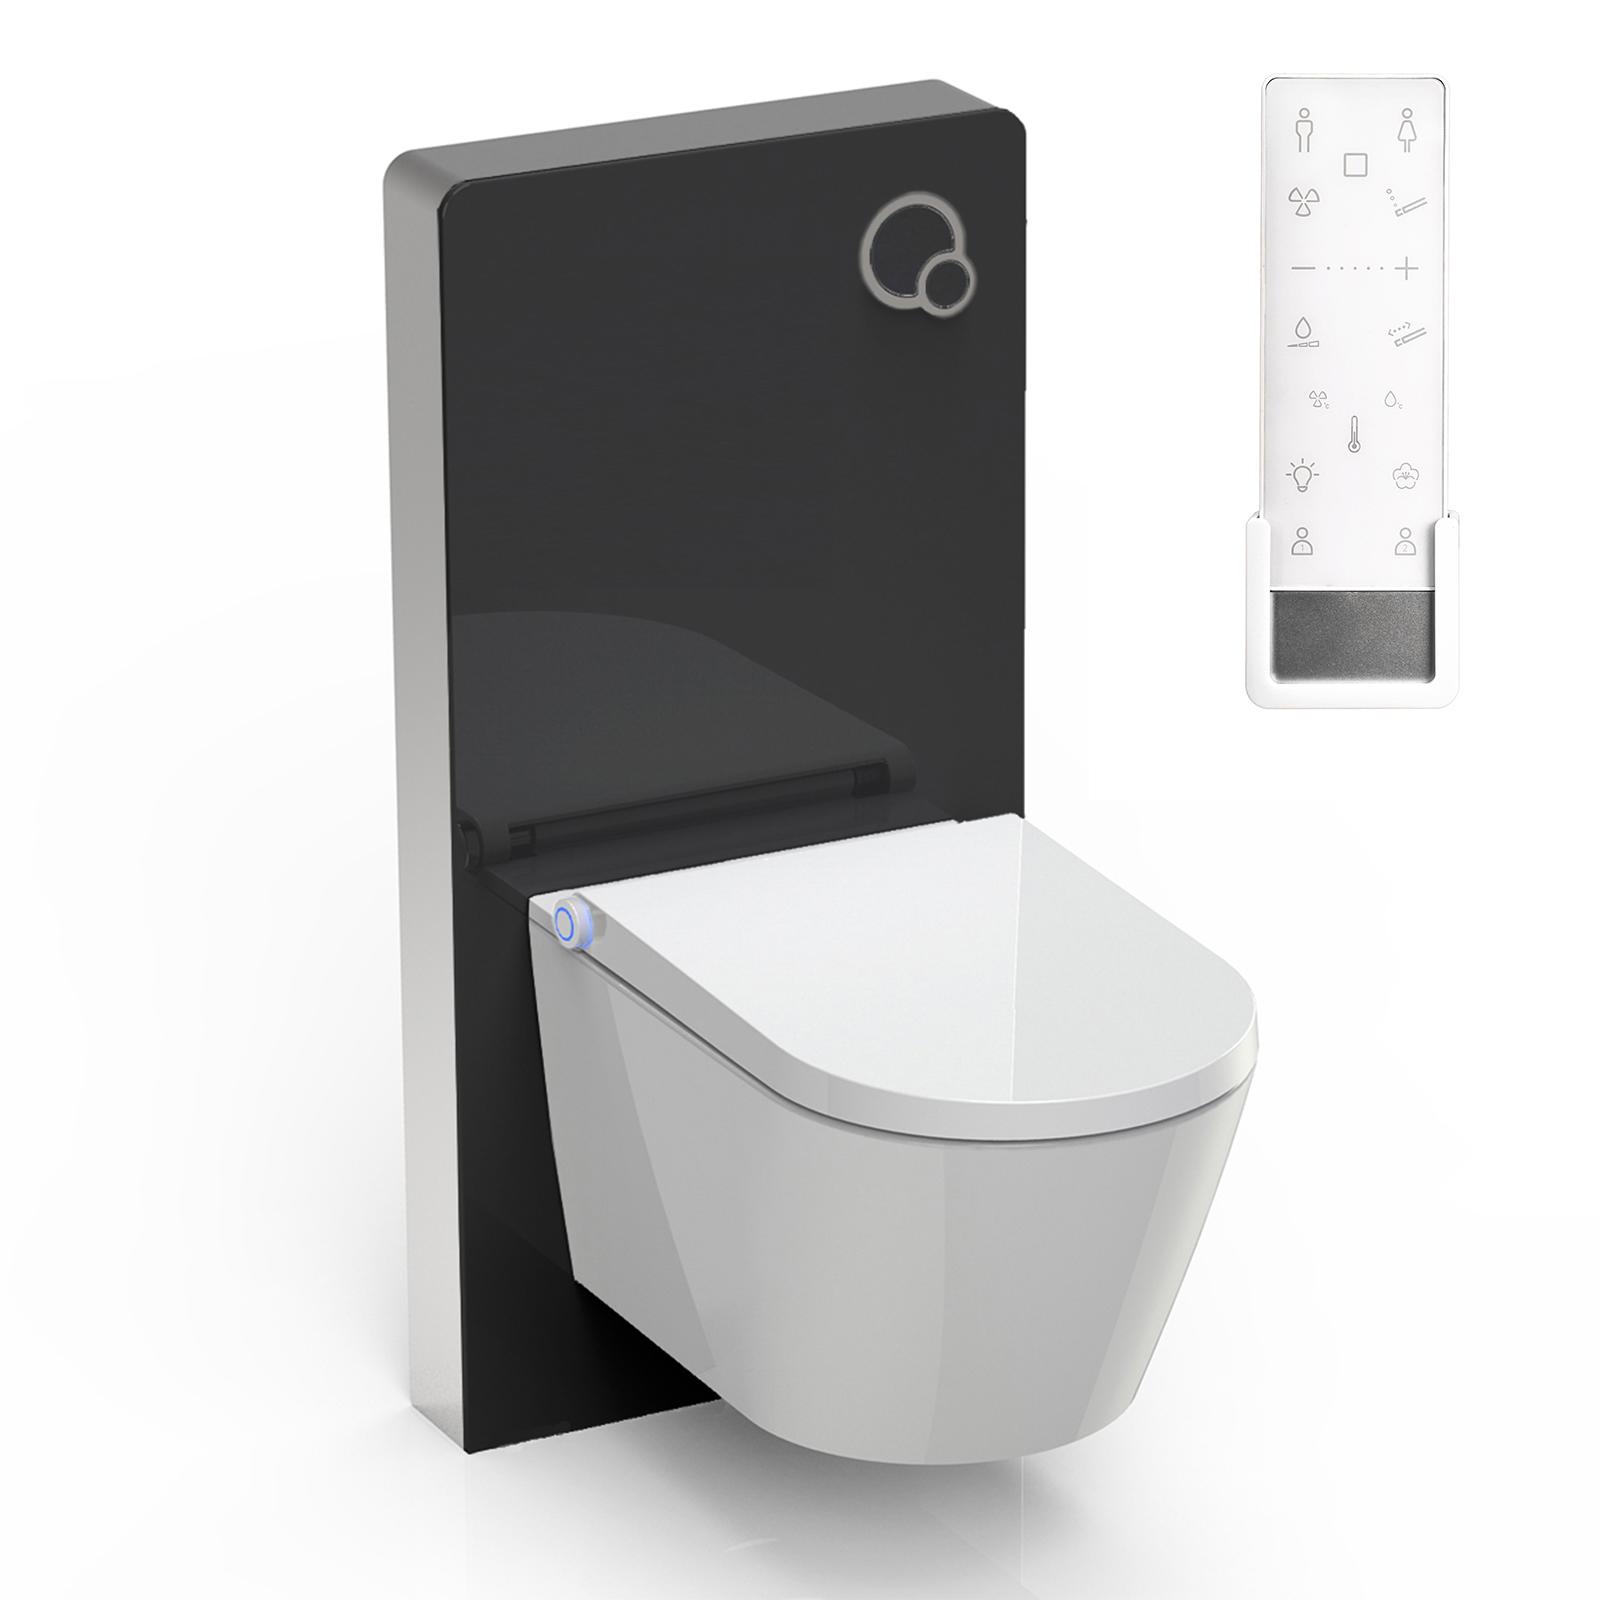 WC-Sparpaket 9: BERNSTEIN DUSCH-WC PRO+ 1102 Komplettanlage & Sanitärmodul 805 in Schwarz